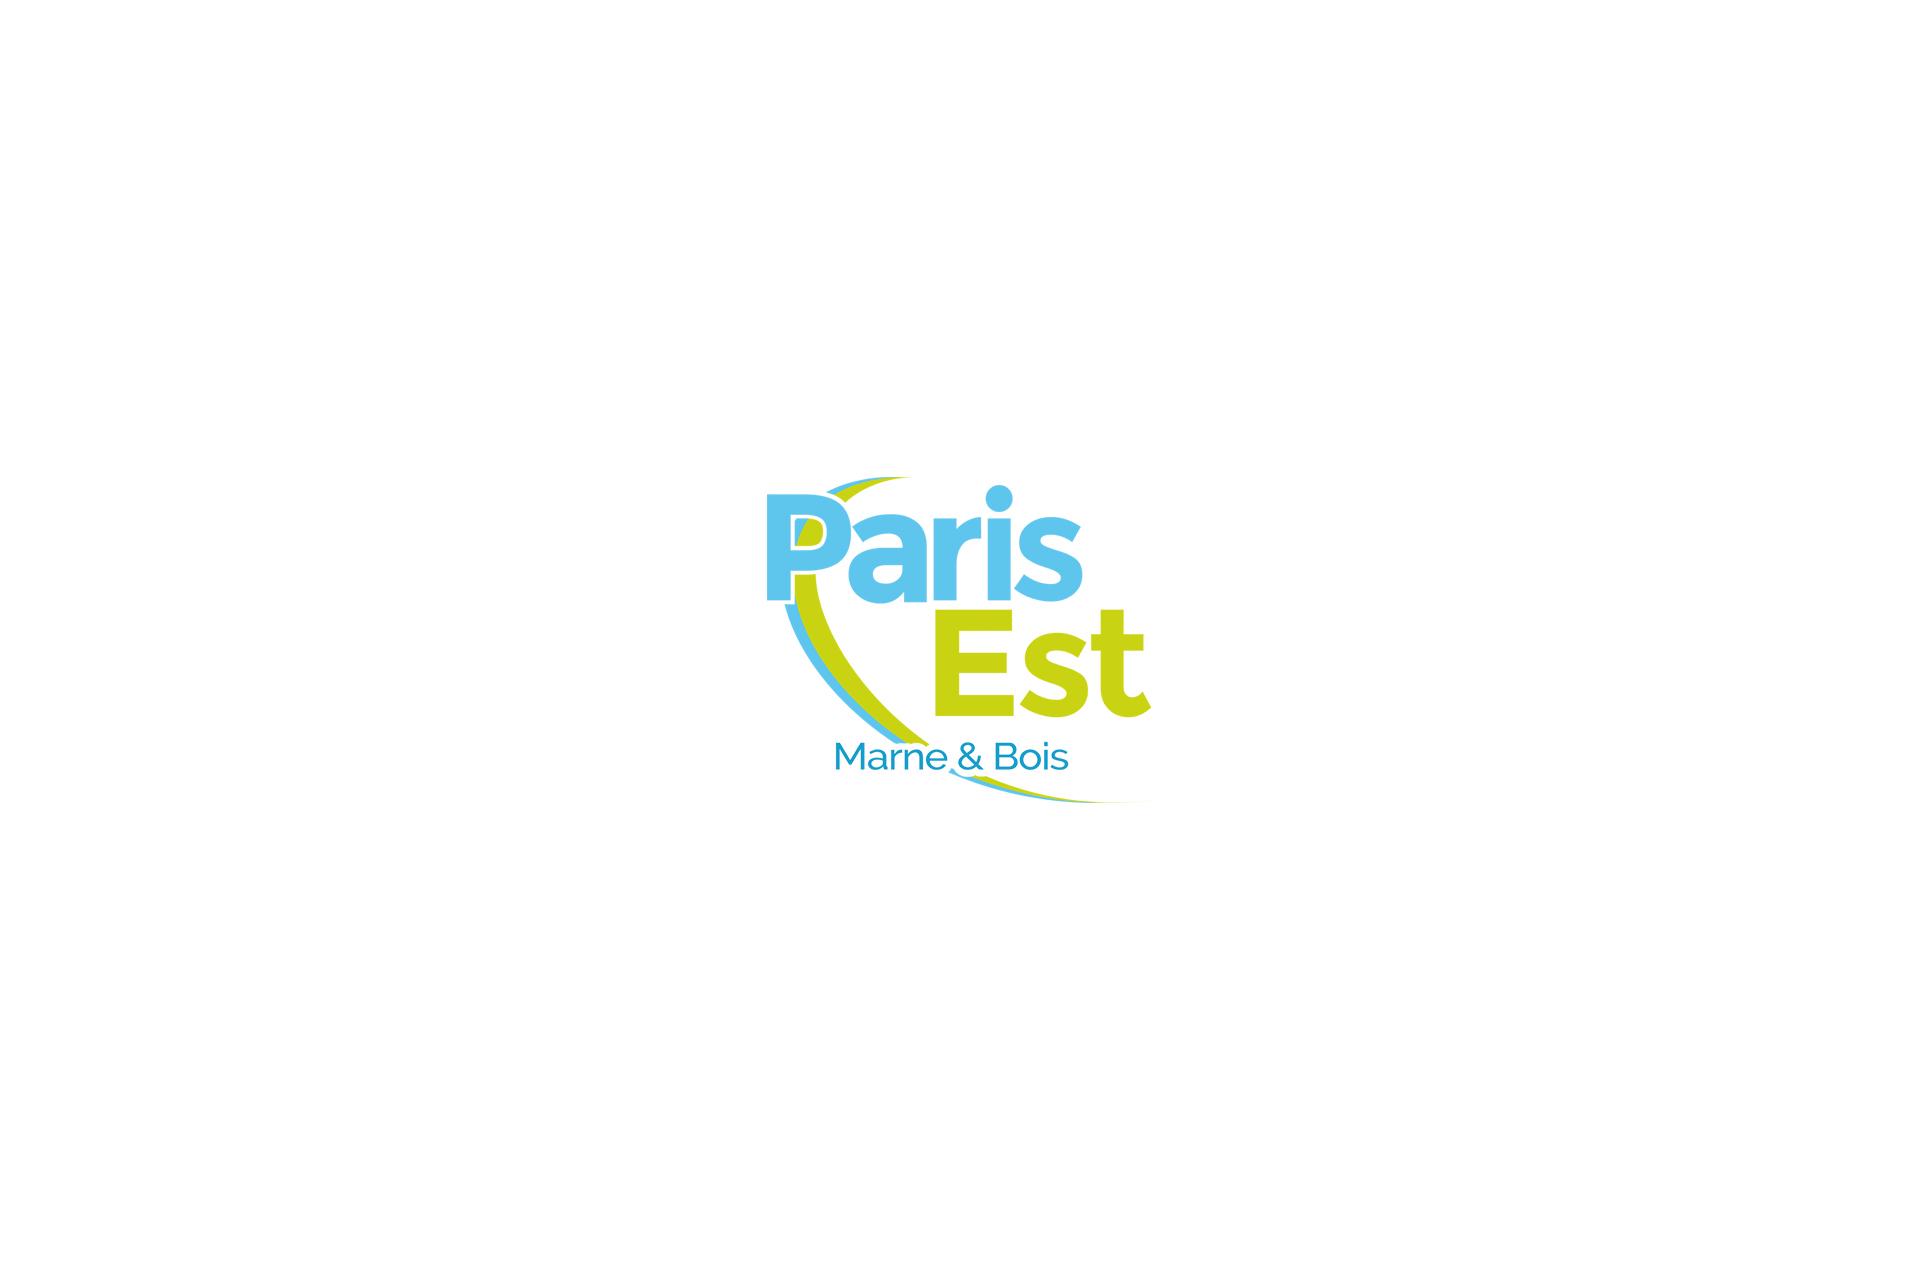 Paris Est Marne&Bois